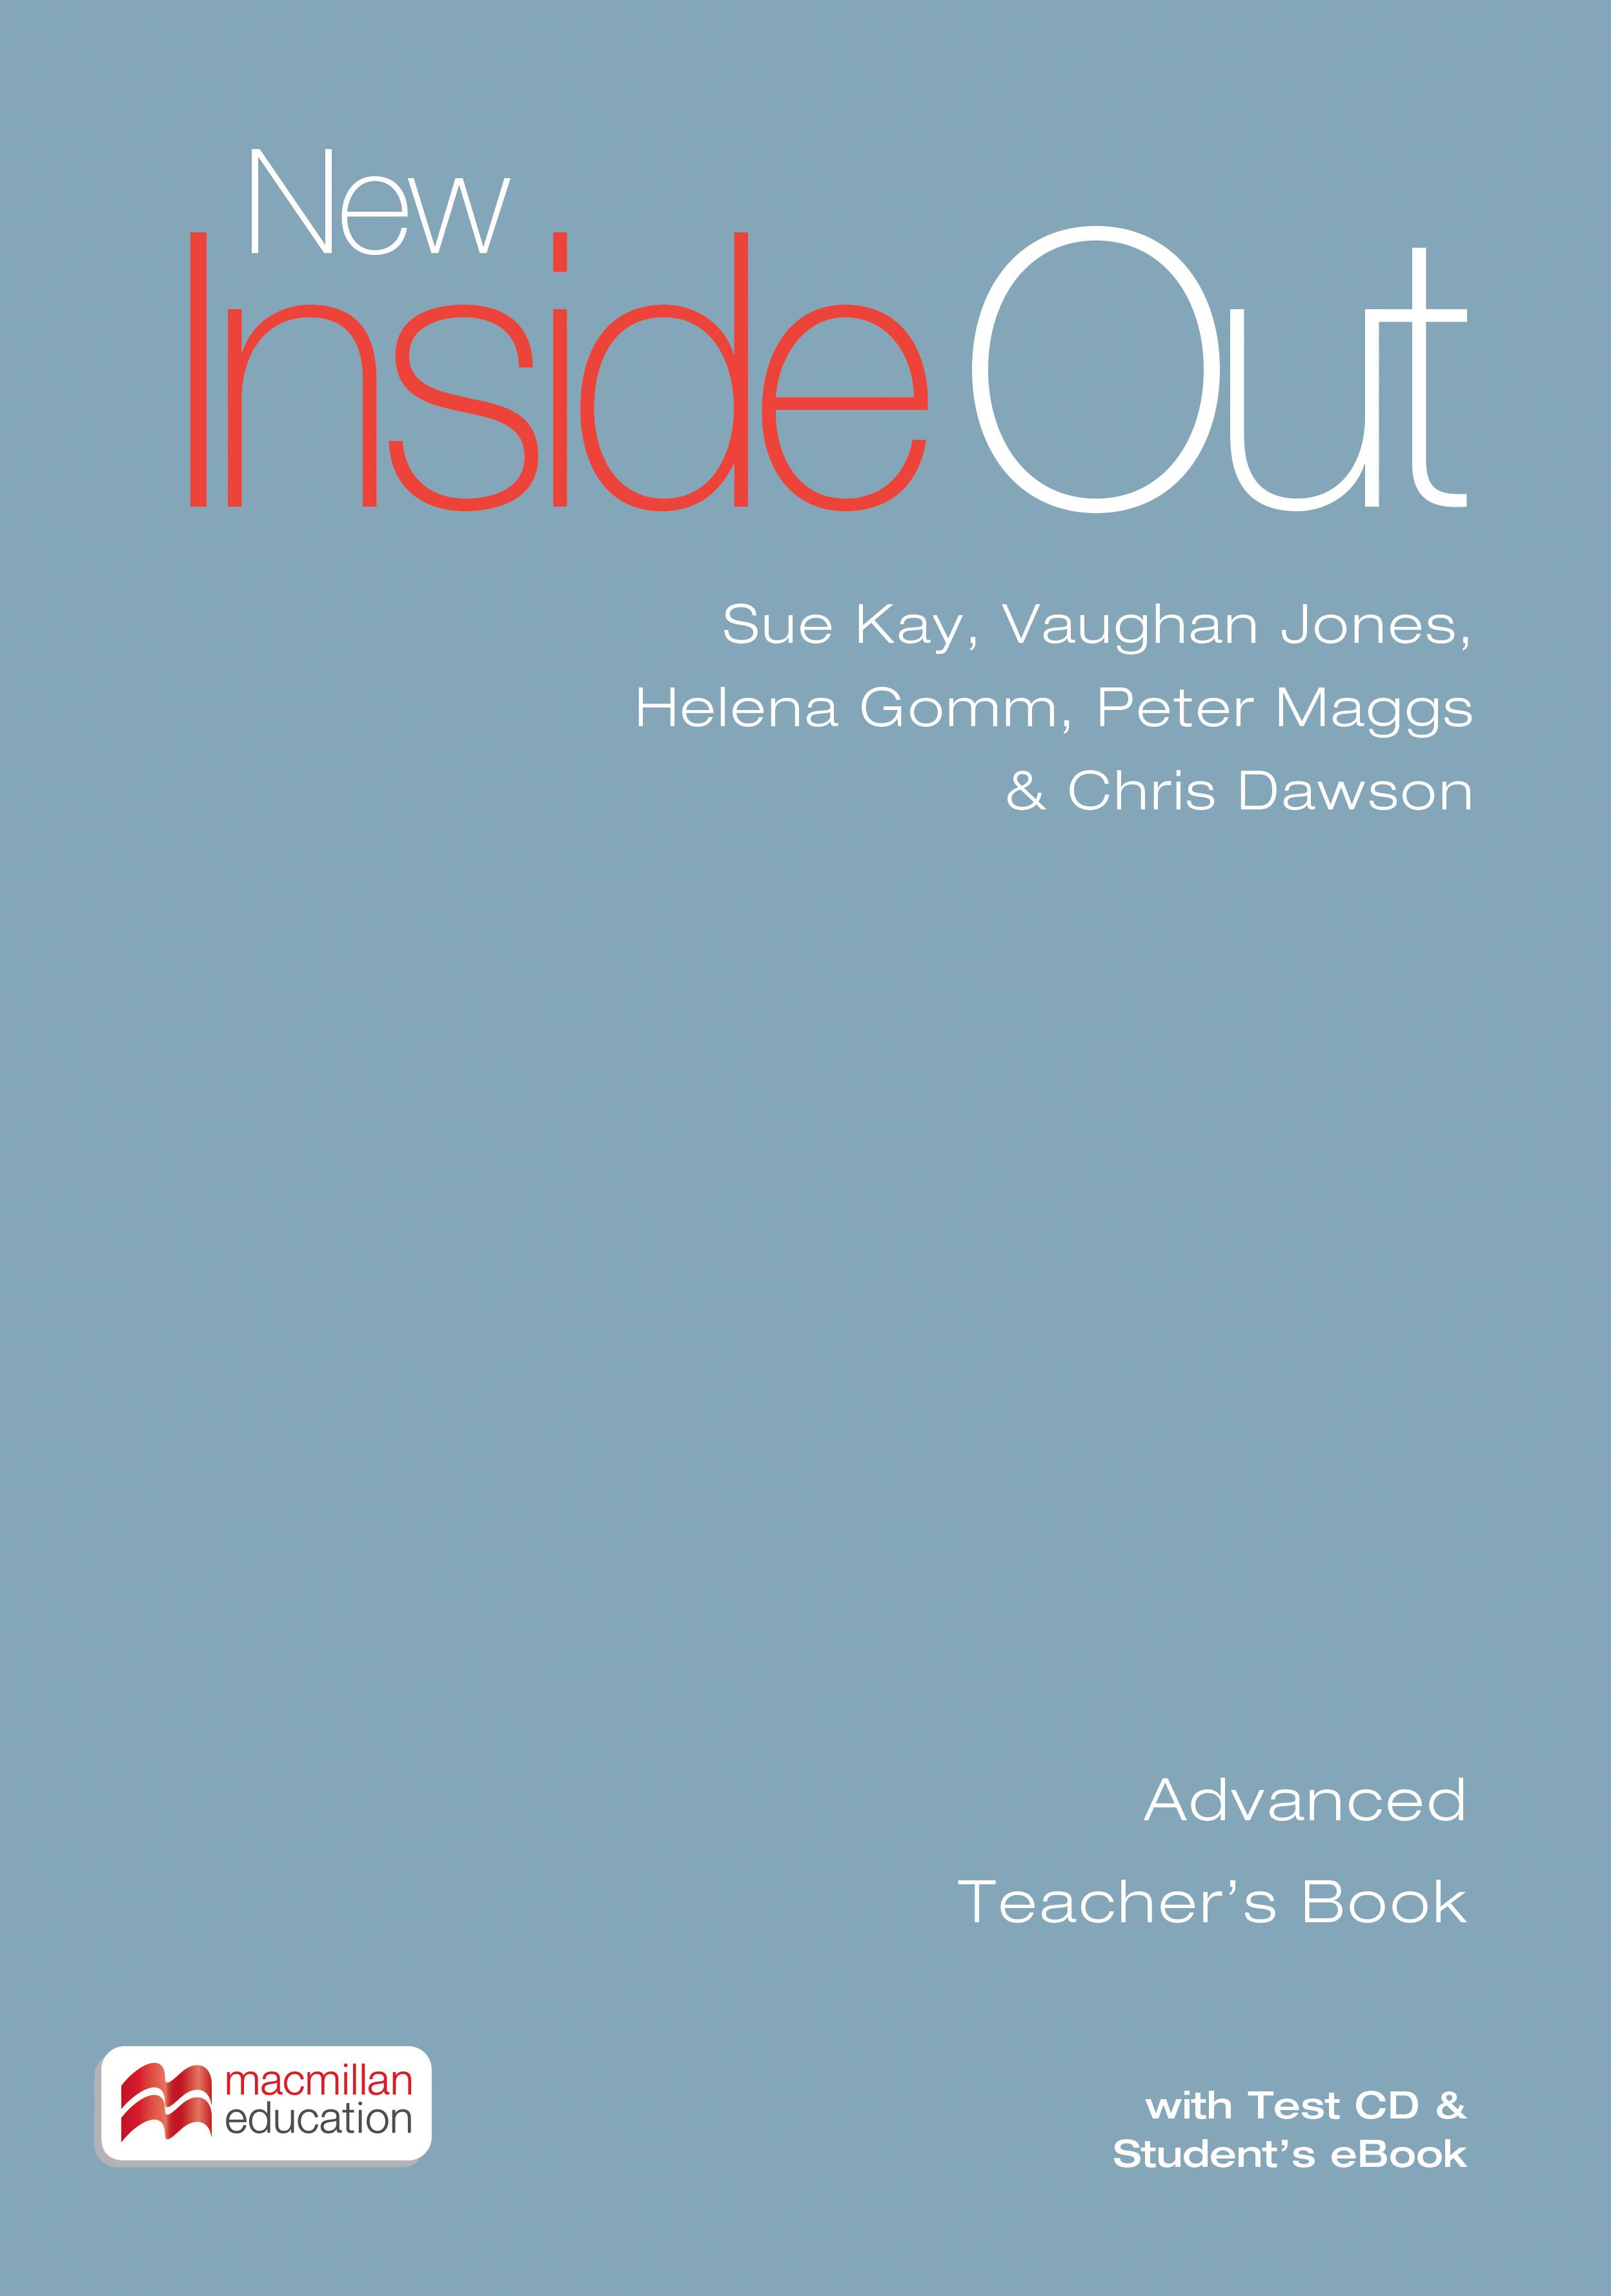 New Inside Out Advanced + eBook Teacher